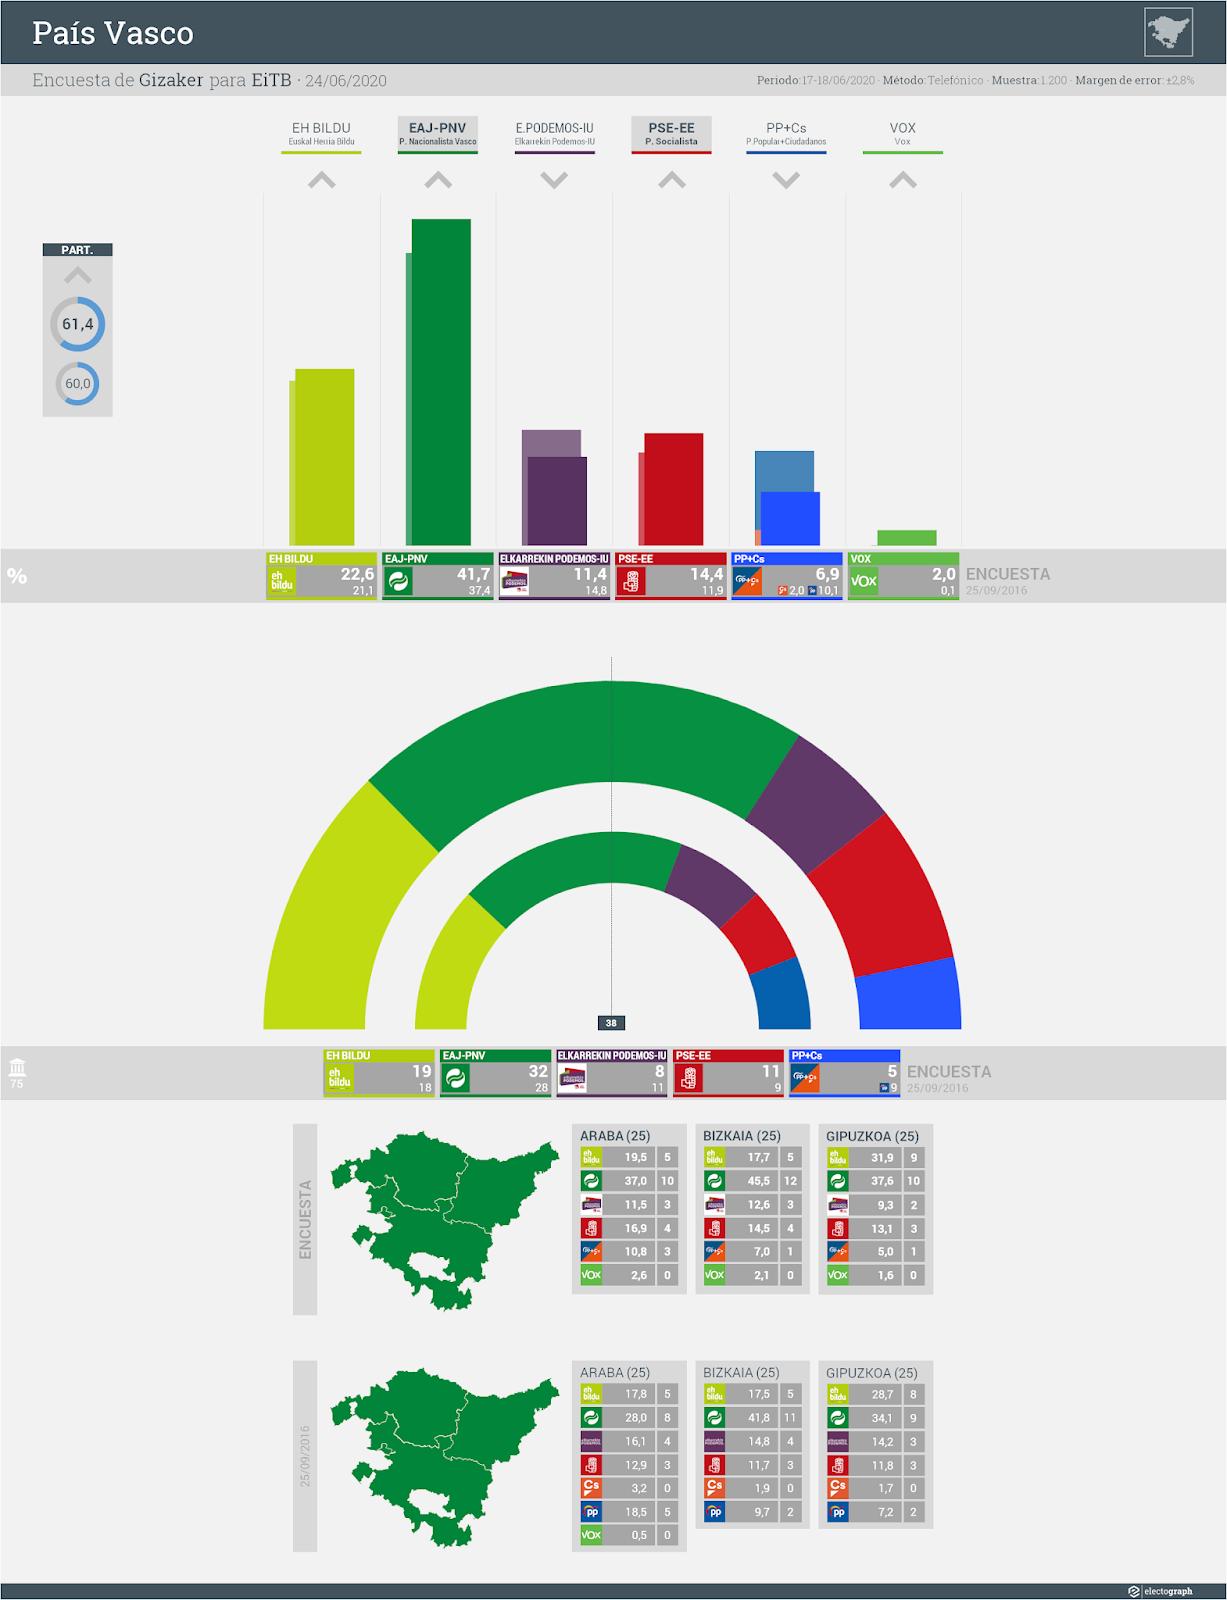 Gráfico de la encuesta para elecciones autonómicas en el País Vasco realizada por Gizaker para EiTB, 24 de junio de 2020